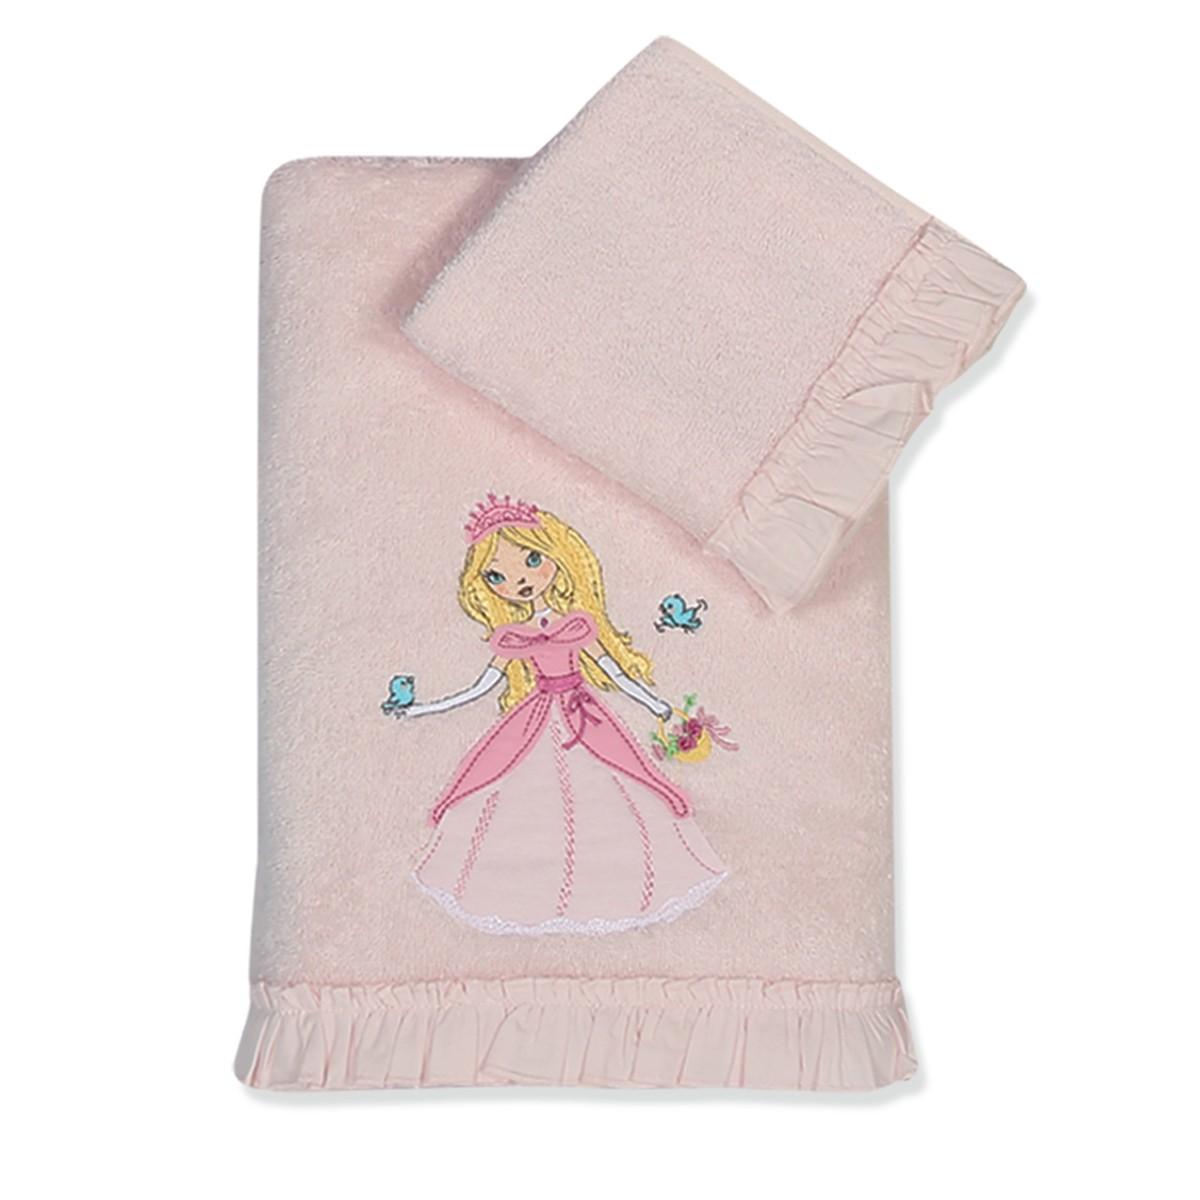 Παιδικές Πετσέτες (Σετ 2τμχ) Nef-Nef Junior Pretty Princess